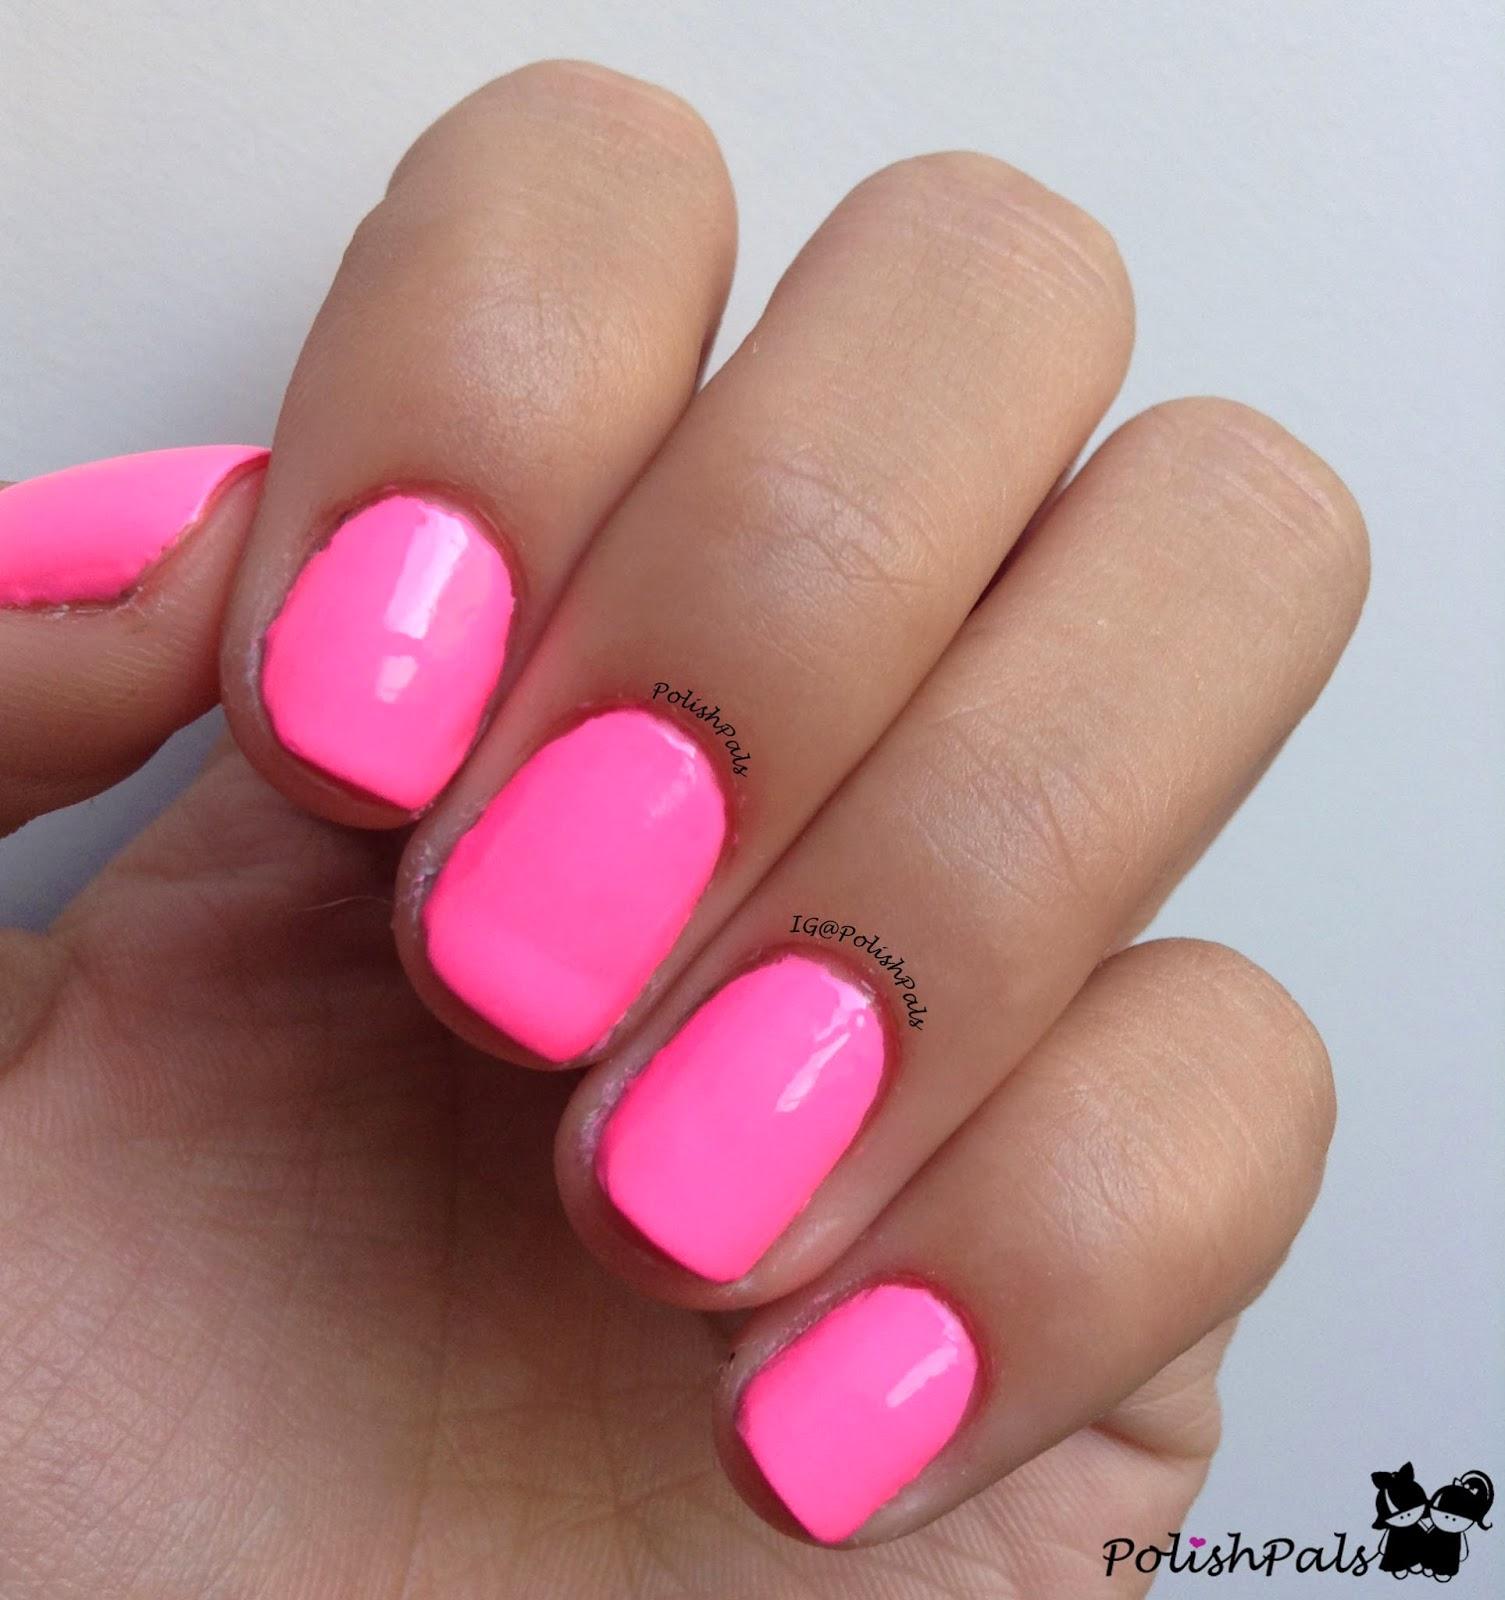 Pink And Blue Nail Polish: Polish Pals: Fuchsia Rage By Nina Ultra Pro